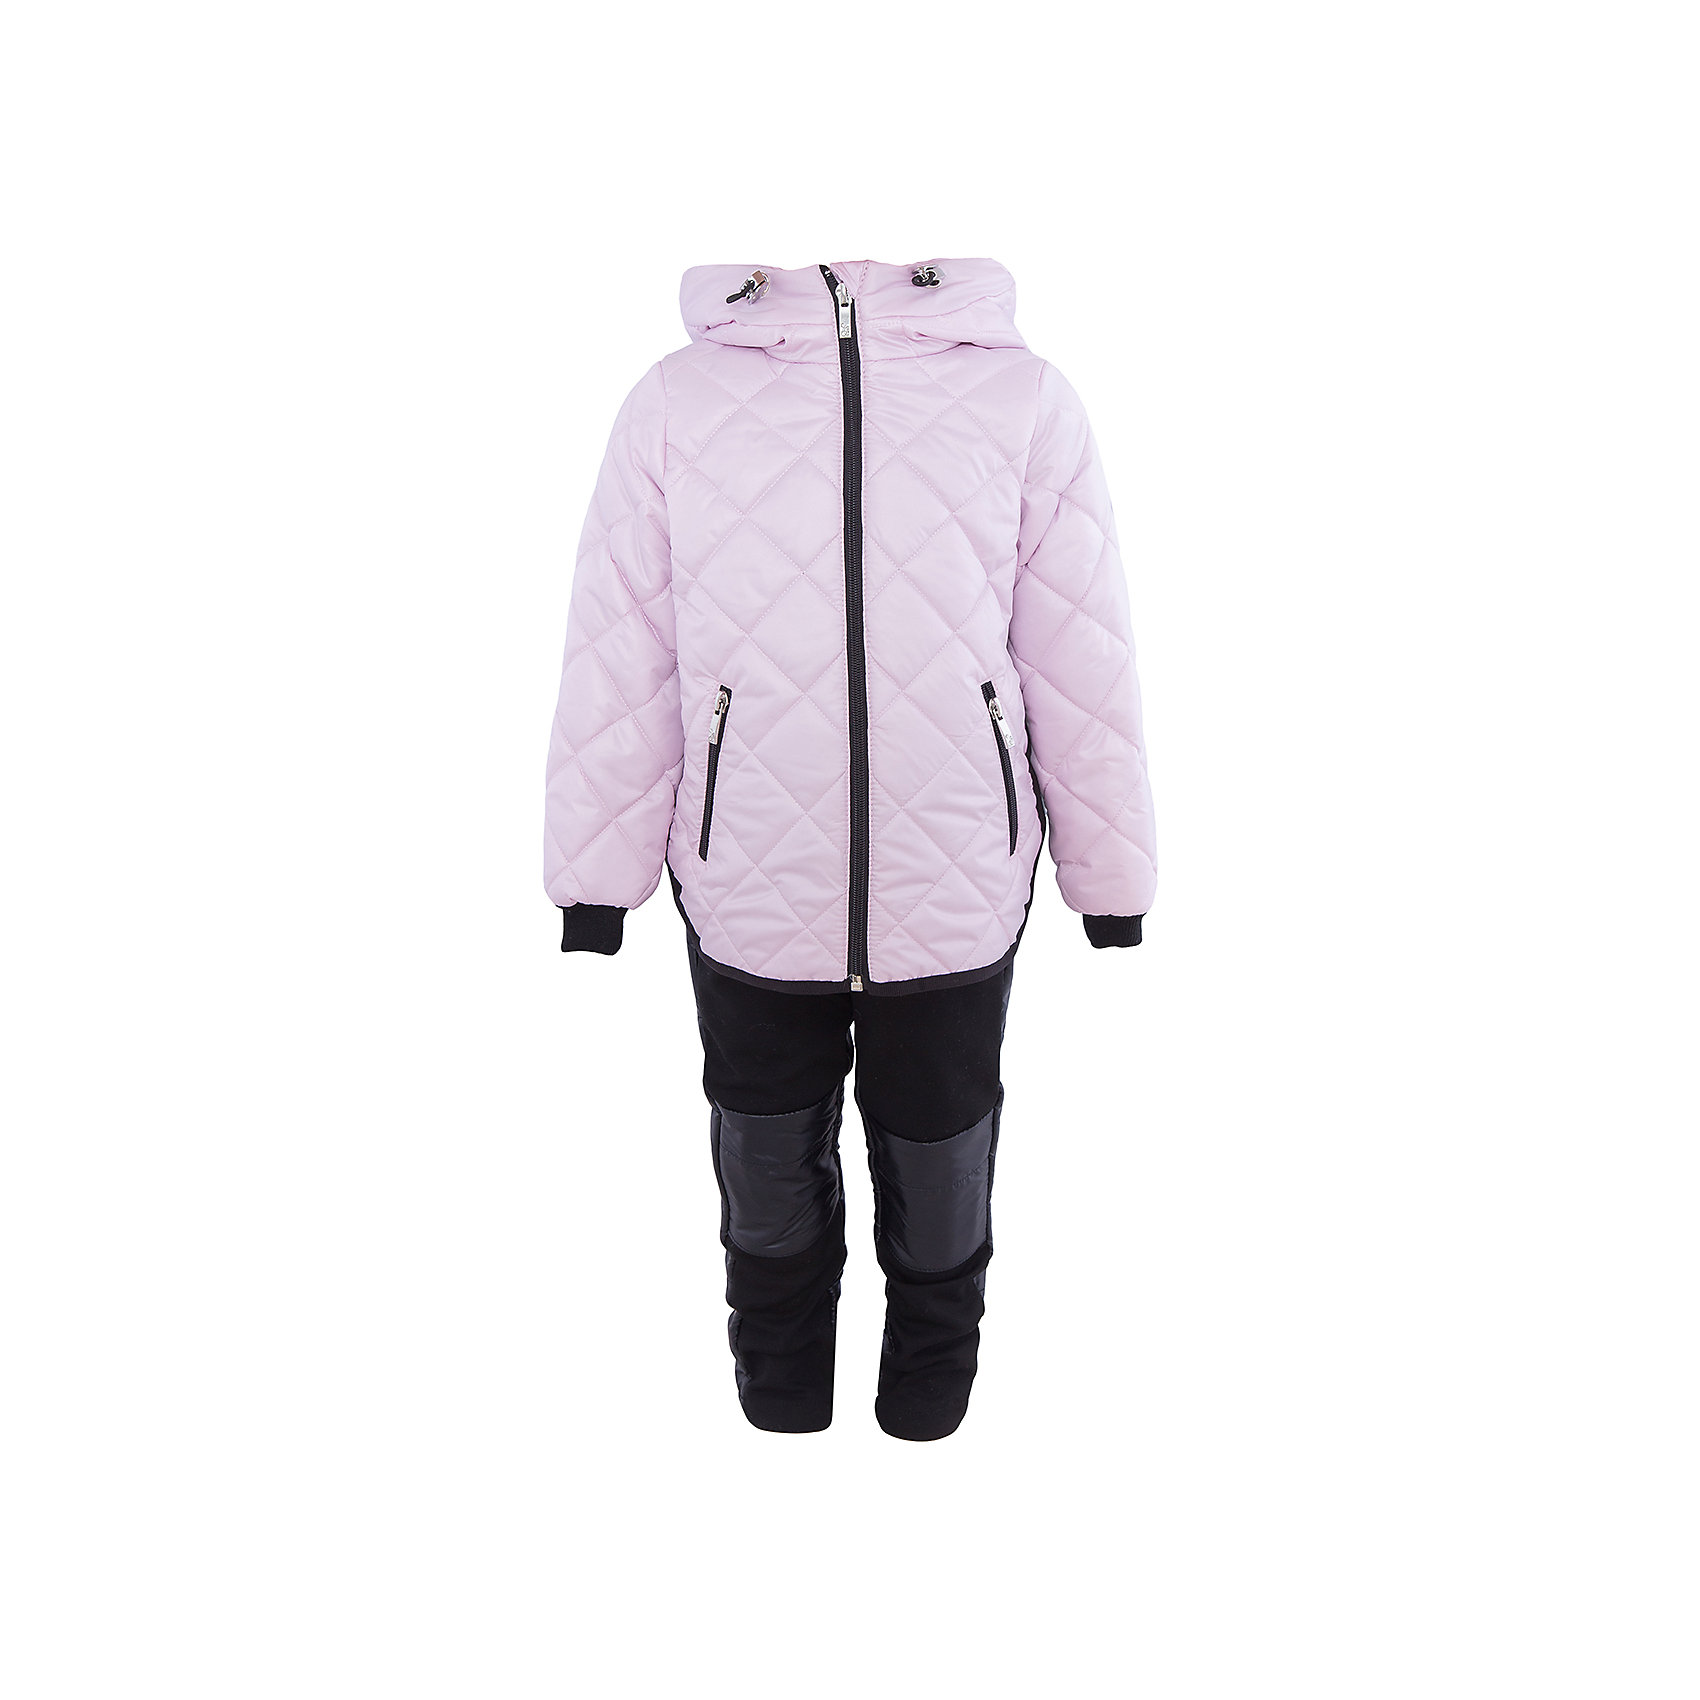 Комплект для девочки BOOM by OrbyВерхняя одежда<br>Характеристики товара:<br><br>• цвет: светло-розовый/черный<br>• состав: 100% полиэстер<br>• курточка: верх - таффета, подкладка - поликоттон, полиэстер, утеплитель: Flexy Fiber 150 г/м2<br>• брюки: верх - костюмный трикотаж с начесом, подкладка - флис<br>• комплектация: куртка, брюки<br>• температурный режим: от -5 С° до +10 С° <br>• капюшон (не отстегивается)<br>• карманы на молнии<br>• застежка - молния<br>• убирающаяся корона на капюшоне<br>• накладки на коленях<br>• куртка декорирована вышивкой<br>• эластичные манжеты<br>• комфортная посадка<br>• страна производства: Российская Федерация<br>• страна бренда: Российская Федерация<br>• коллекция: весна-лето 2017<br><br>Такой комплект - универсальный вариант для межсезонья с постоянно меняющейся погодой. Эта модель - модная и удобная одновременно! Изделие отличается стильным ярким дизайном. Куртка и брюки хорошо сидят по фигуре, отлично сочетается с различной обувью. Модель была разработана специально для детей.<br><br>Одежда от российского бренда BOOM by Orby уже завоевала популярностью у многих детей и их родителей. Вещи, выпускаемые компанией, качественные, продуманные и очень удобные. Для производства коллекций используются только безопасные для детей материалы. Спешите приобрести модели из новой коллекции Весна-лето 2017! <br><br>Комплект для девочки от бренда BOOM by Orby можно купить в нашем интернет-магазине.<br><br>Ширина мм: 356<br>Глубина мм: 10<br>Высота мм: 245<br>Вес г: 519<br>Цвет: розовый<br>Возраст от месяцев: 36<br>Возраст до месяцев: 48<br>Пол: Женский<br>Возраст: Детский<br>Размер: 104,122,86,92,98,110,116<br>SKU: 5343157